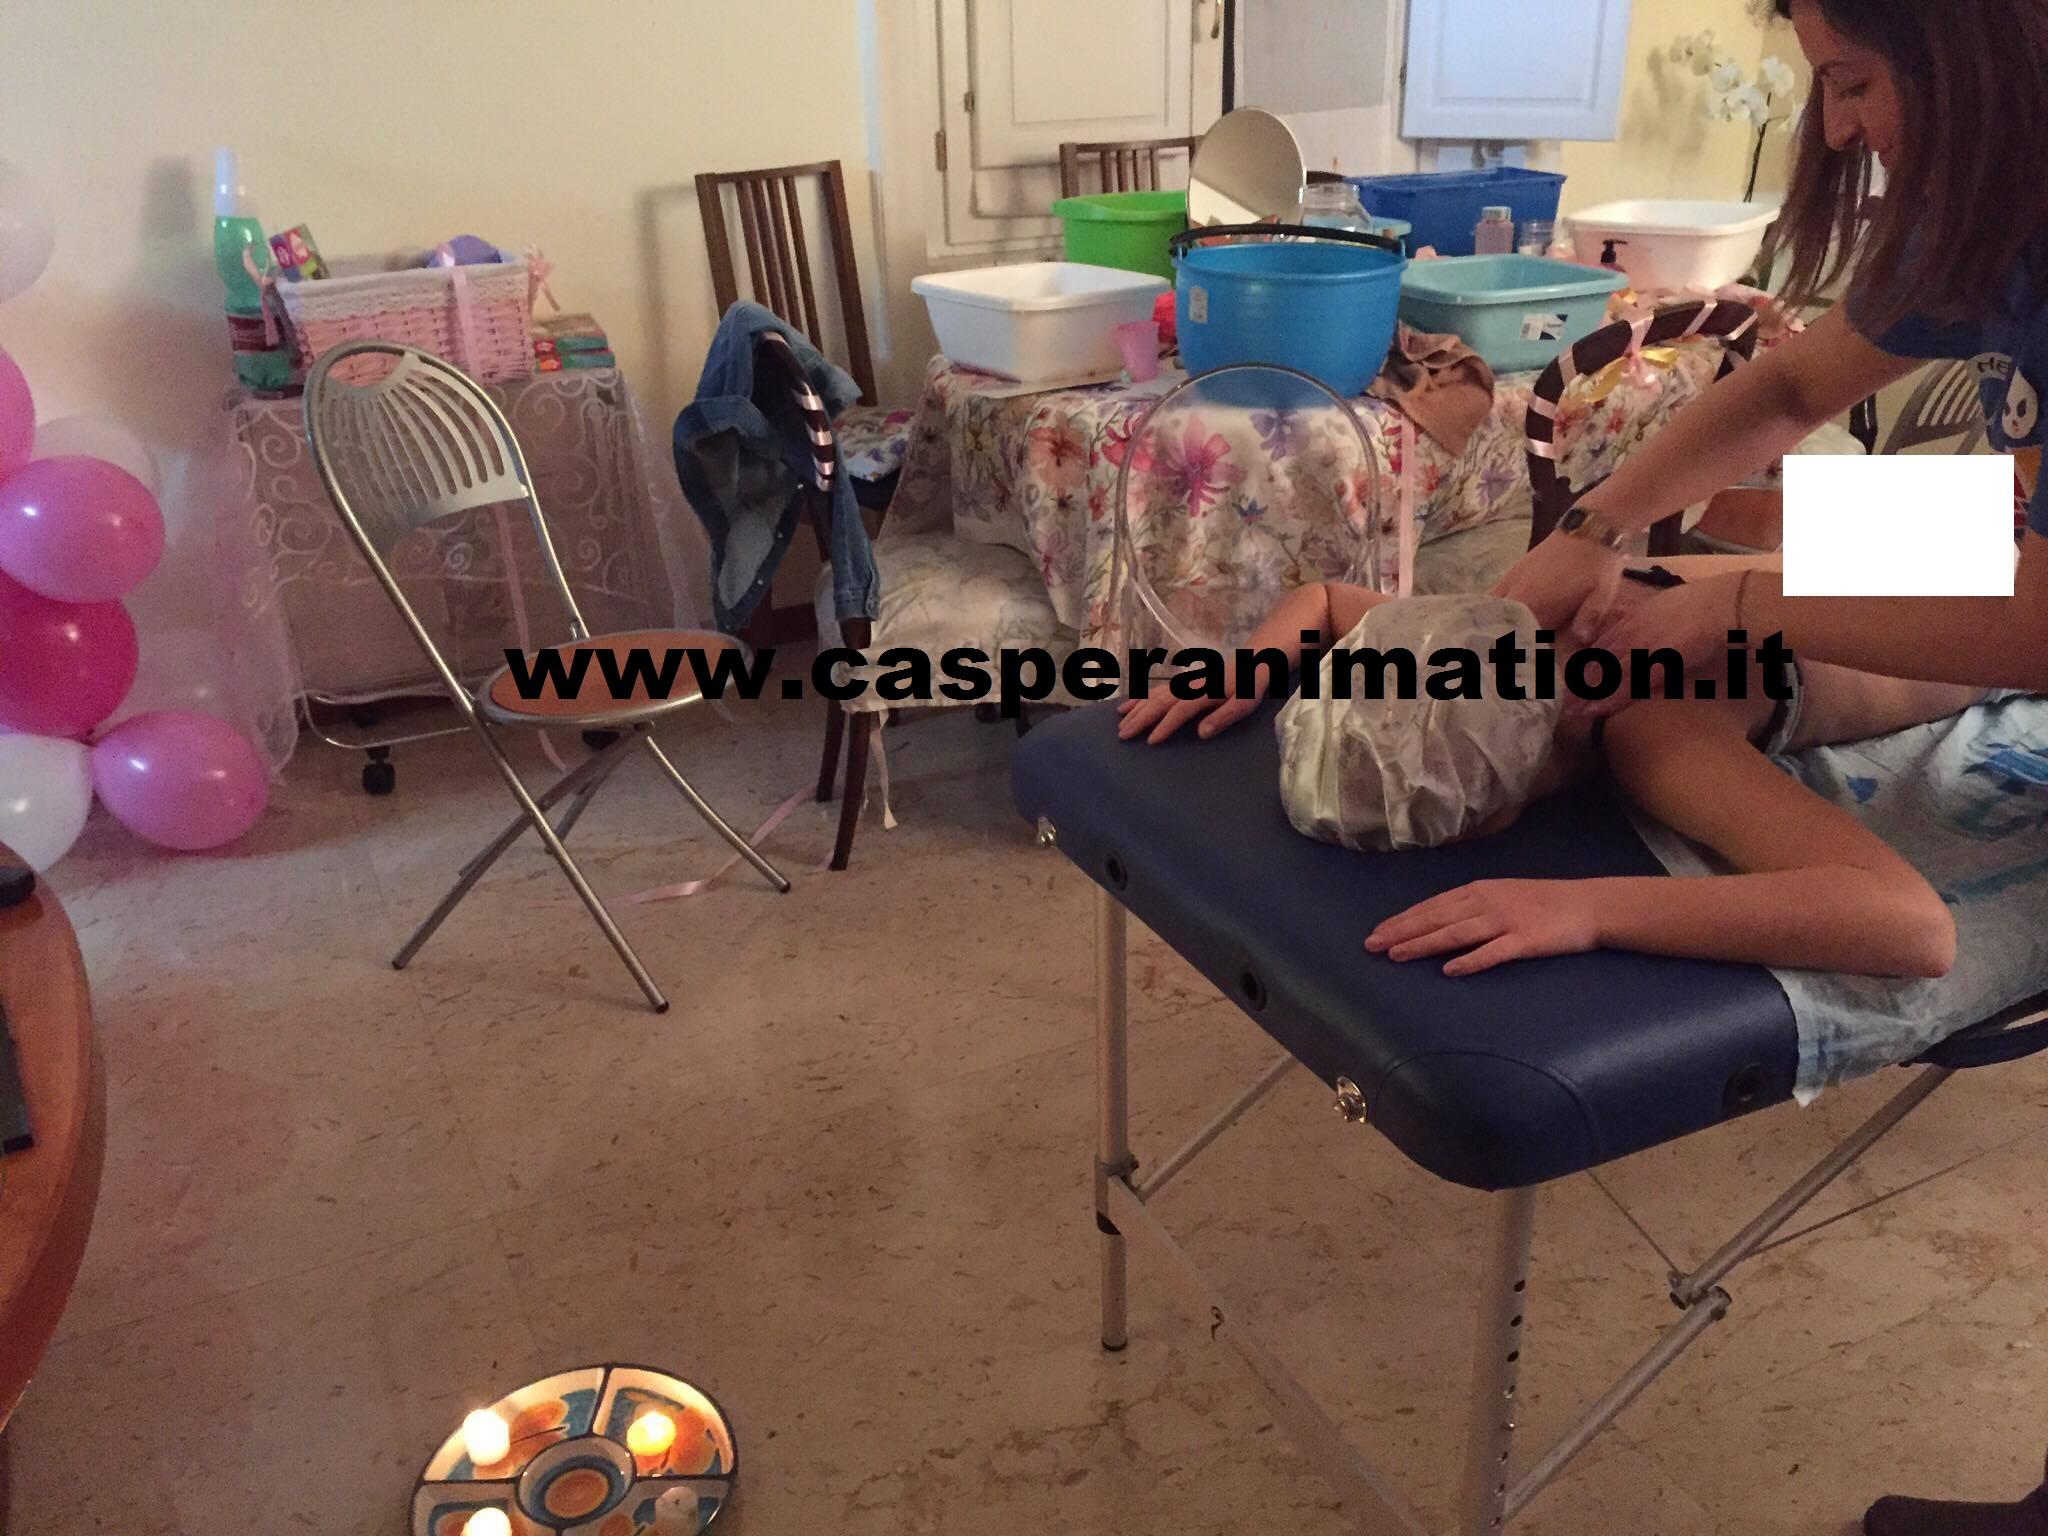 Festa SPA massaggio